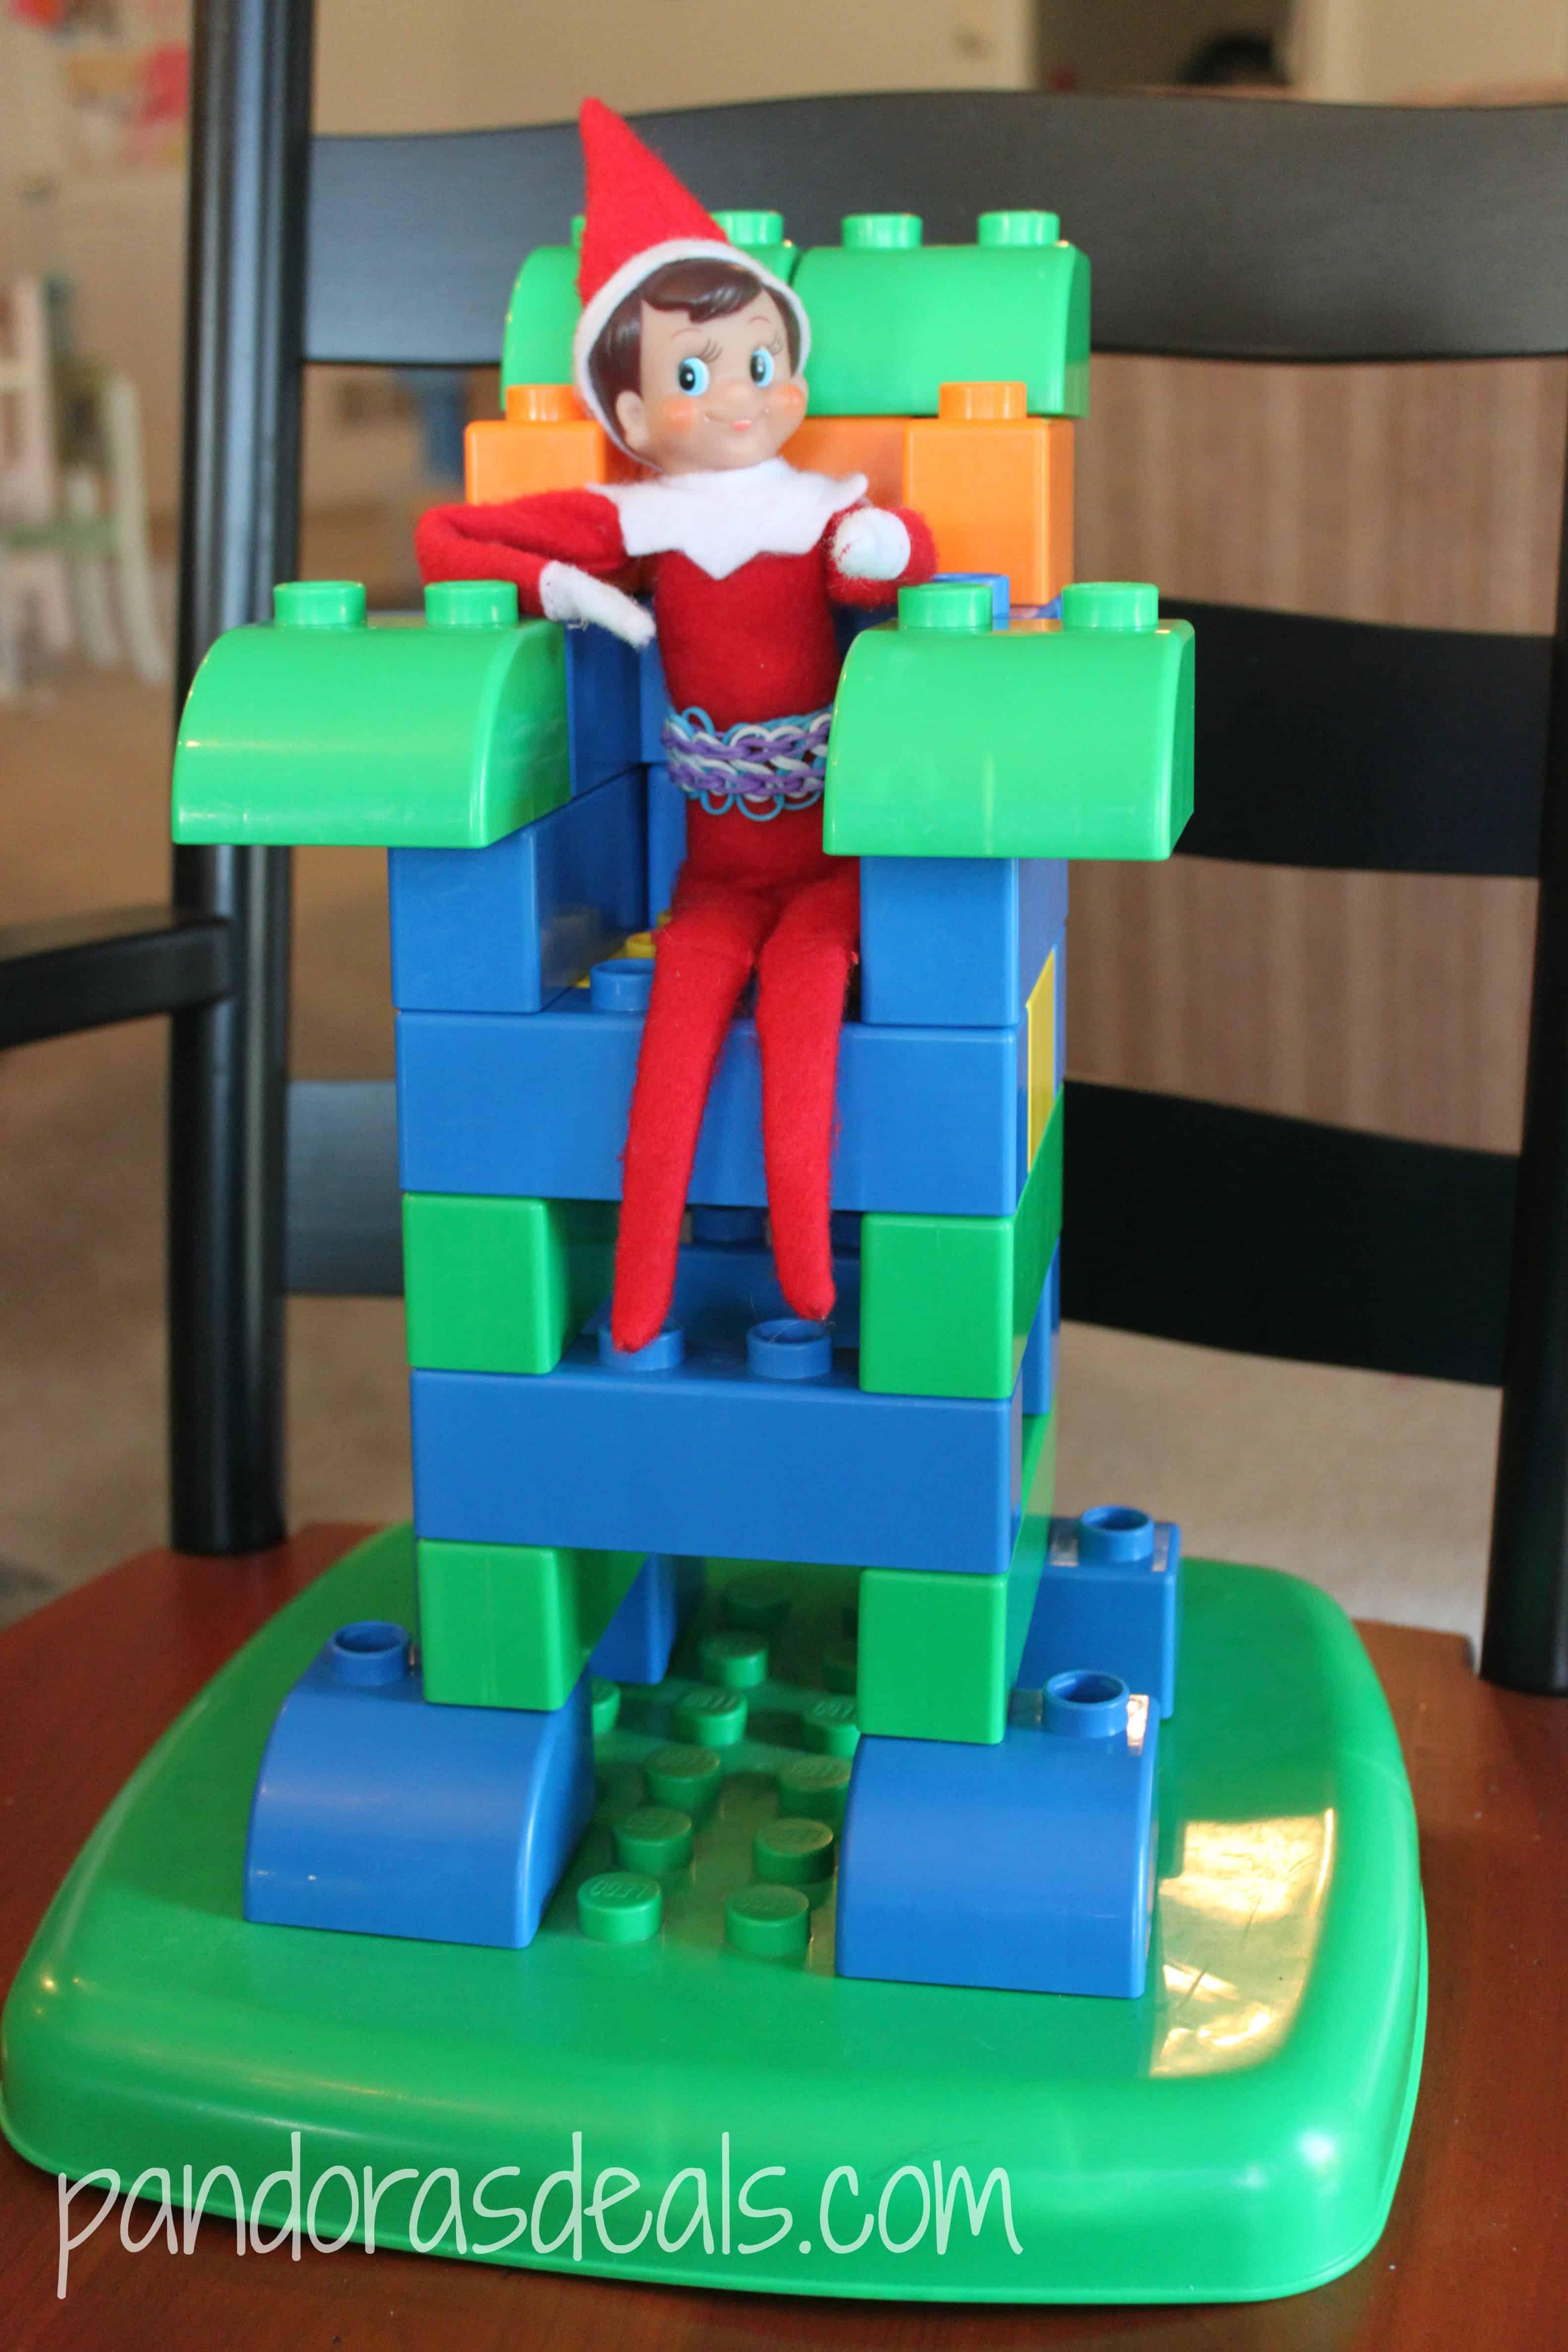 Elf sitting on Lego throne